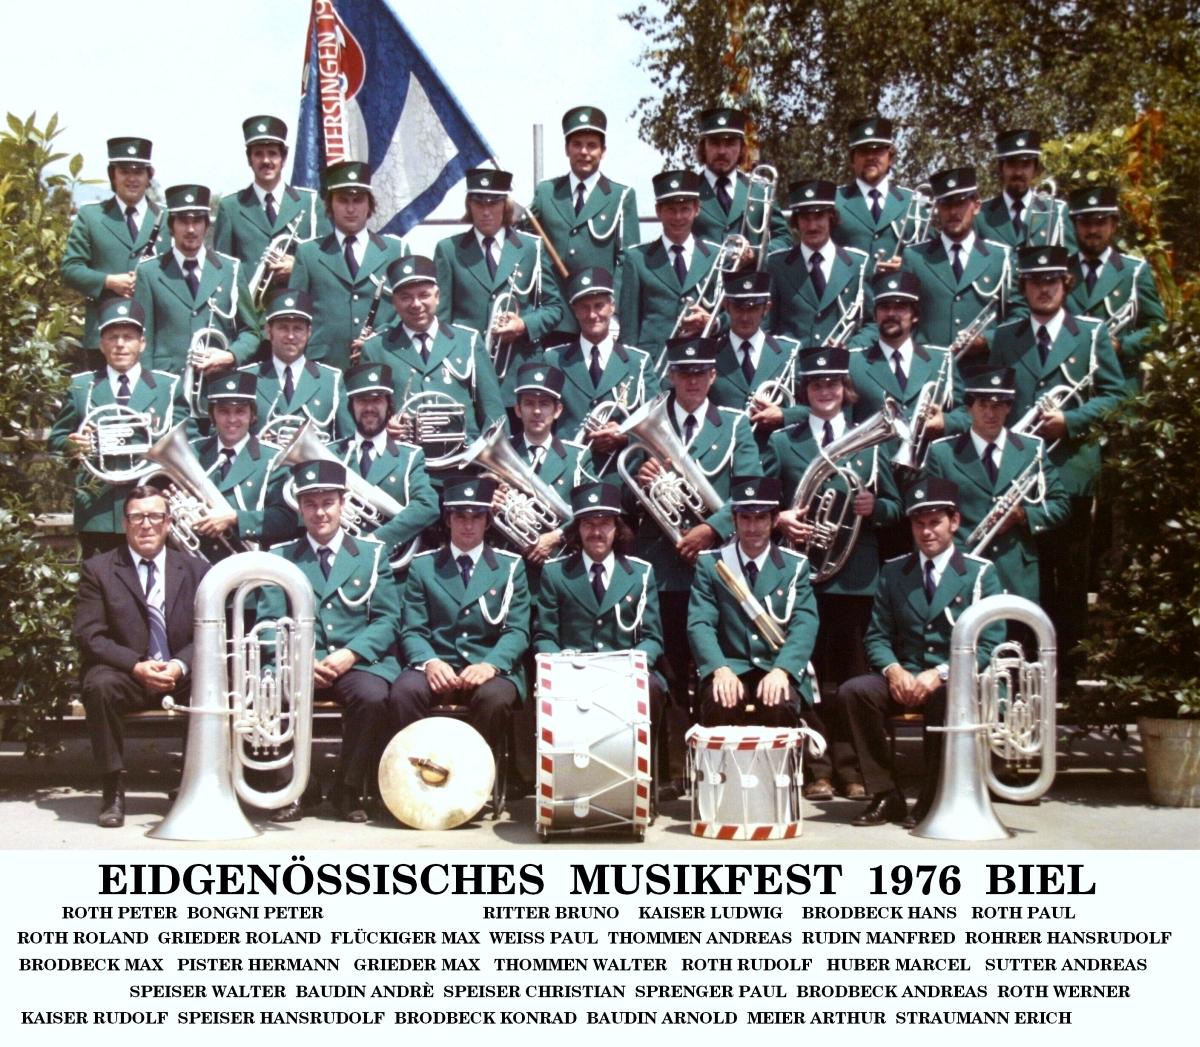 Eidgenössisches Musikfest Biel 1976